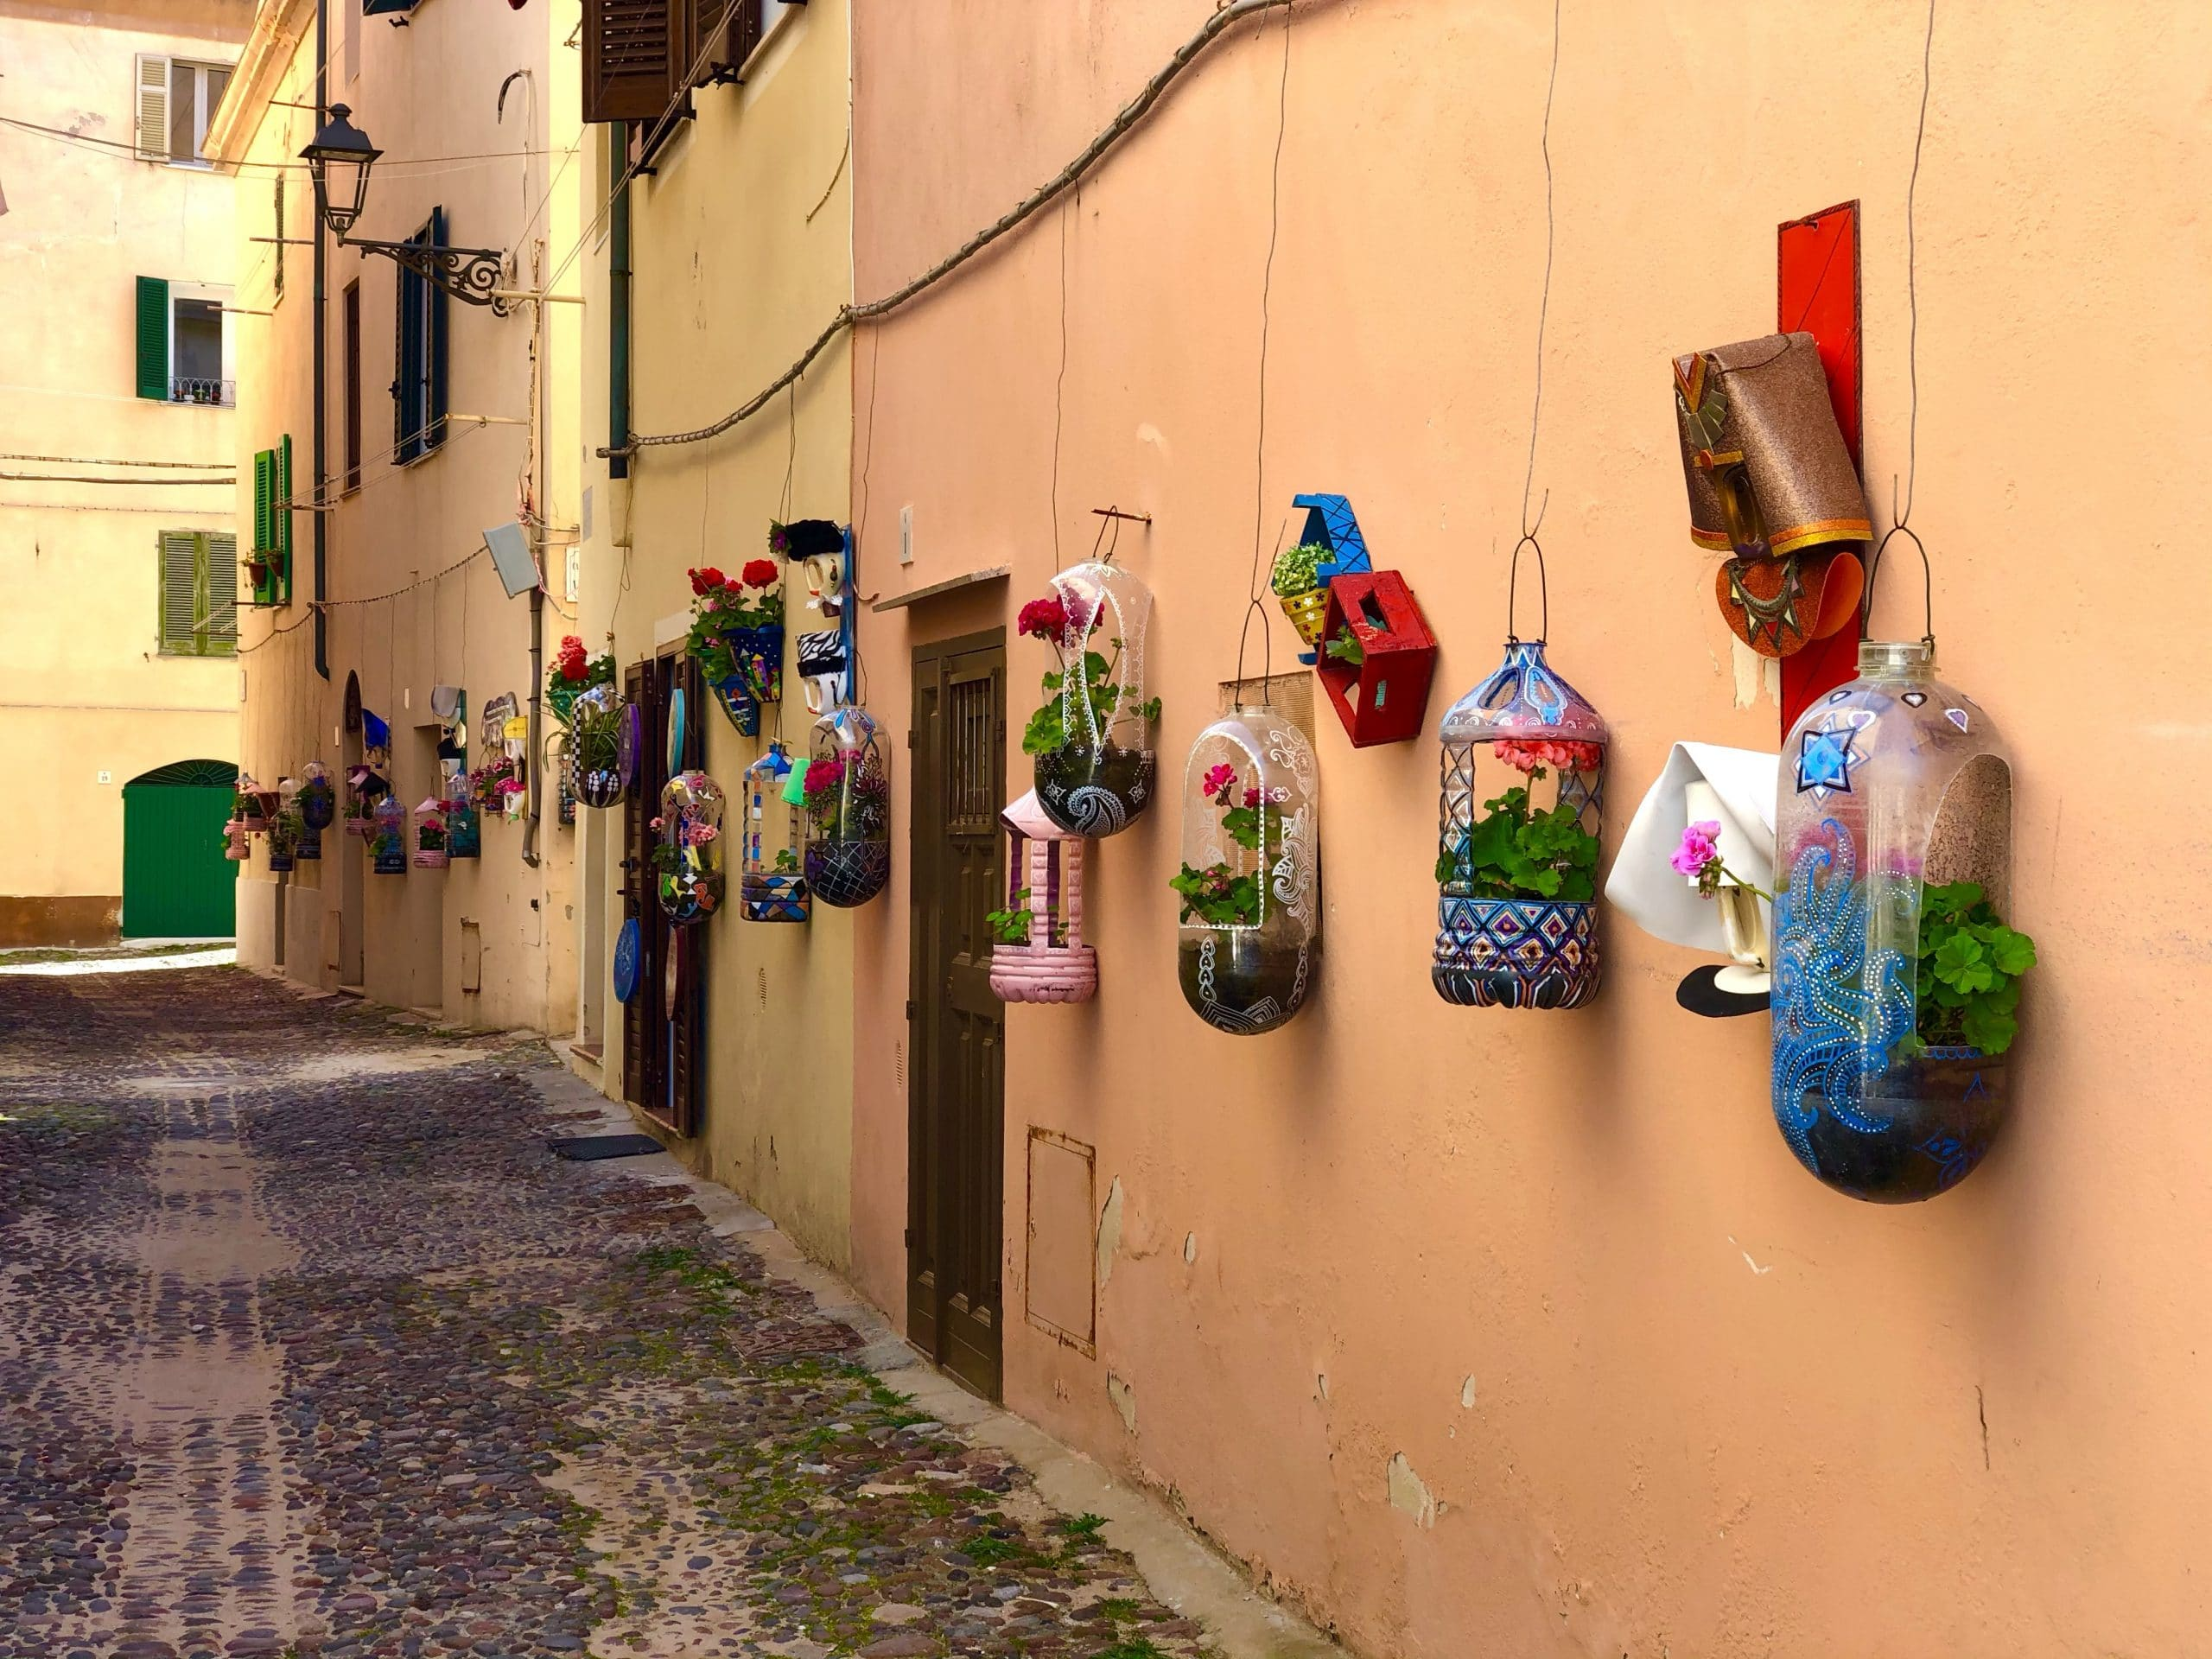 Alghero, Sardinië